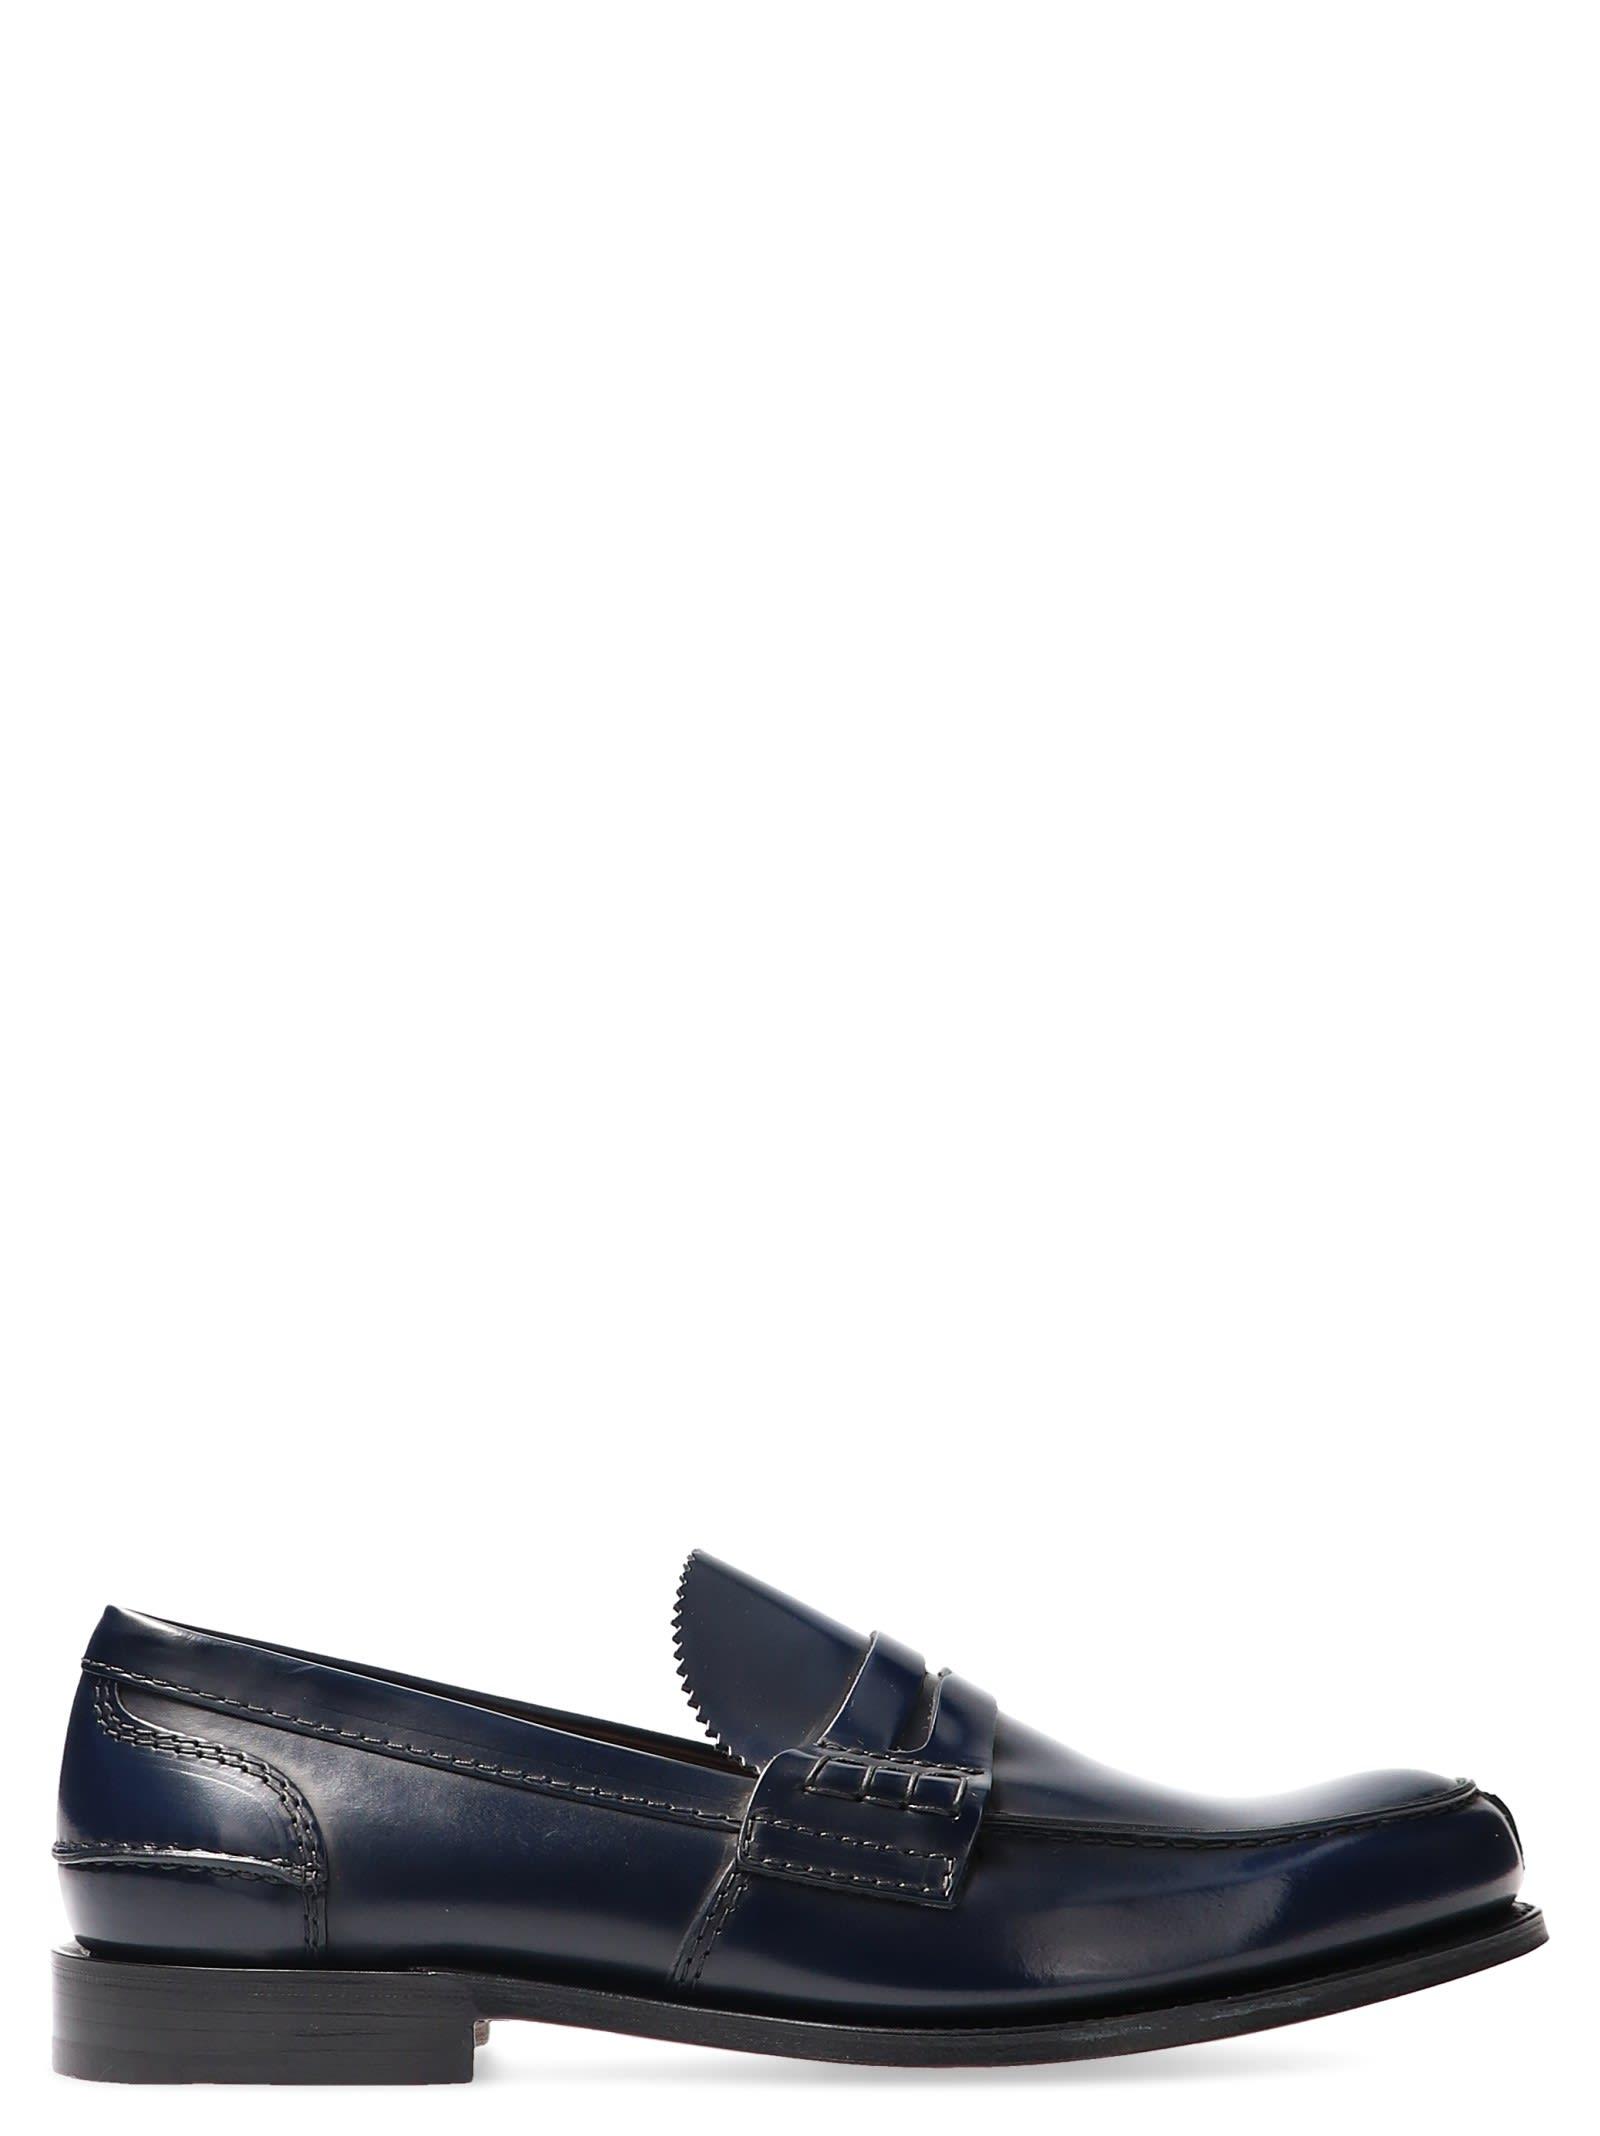 Churchs tunbridge Shoes